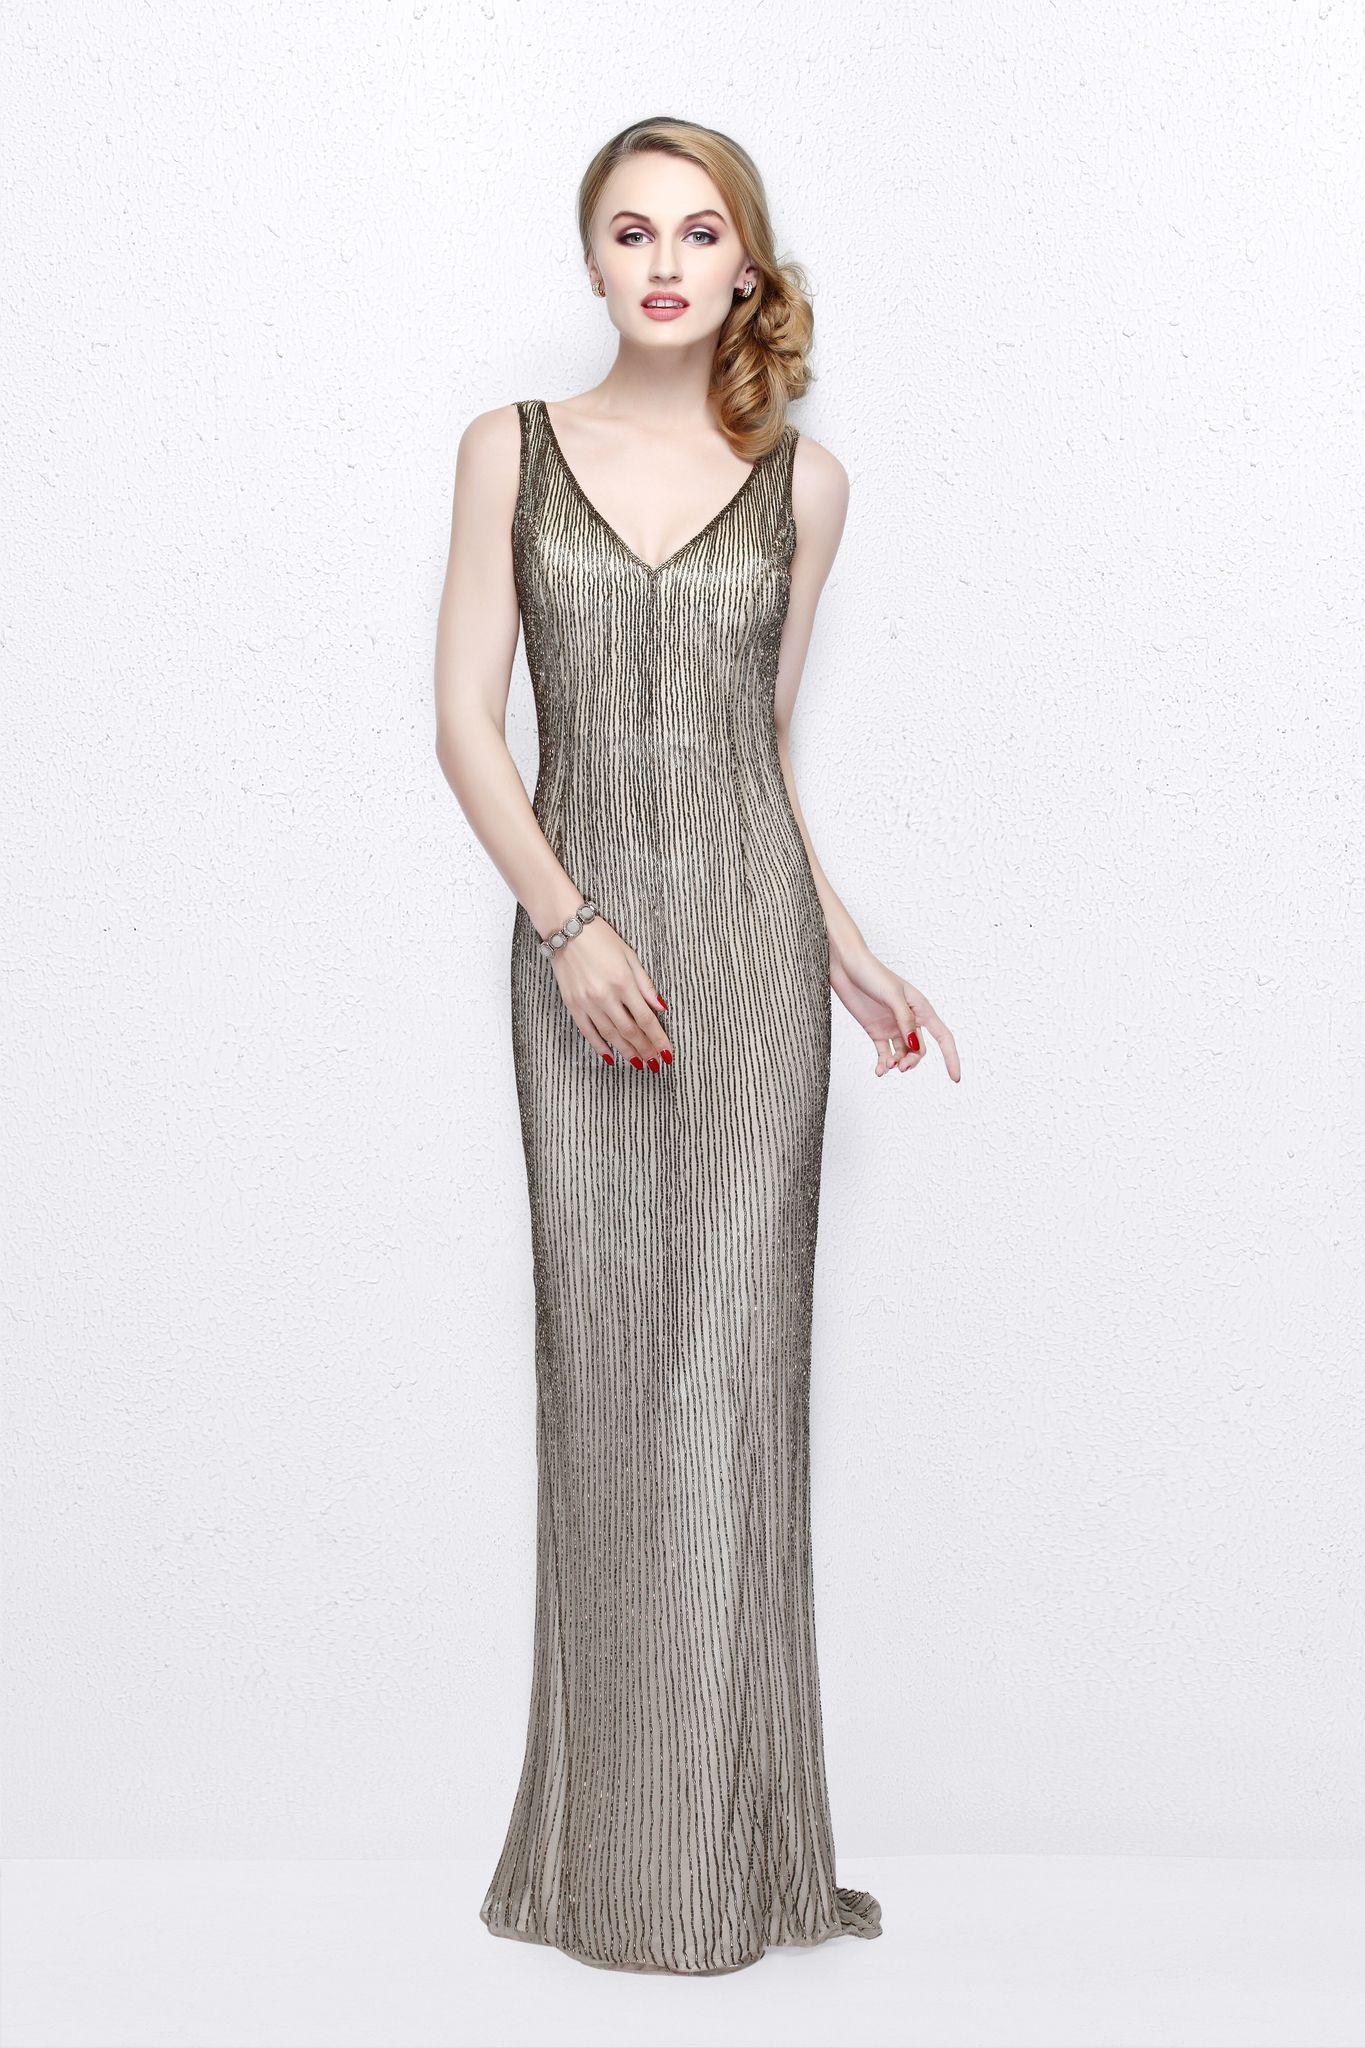 Mia 19509 платье в пол в в золотом цвете расшитое стразами по всей длине с красивым вырезом на спине